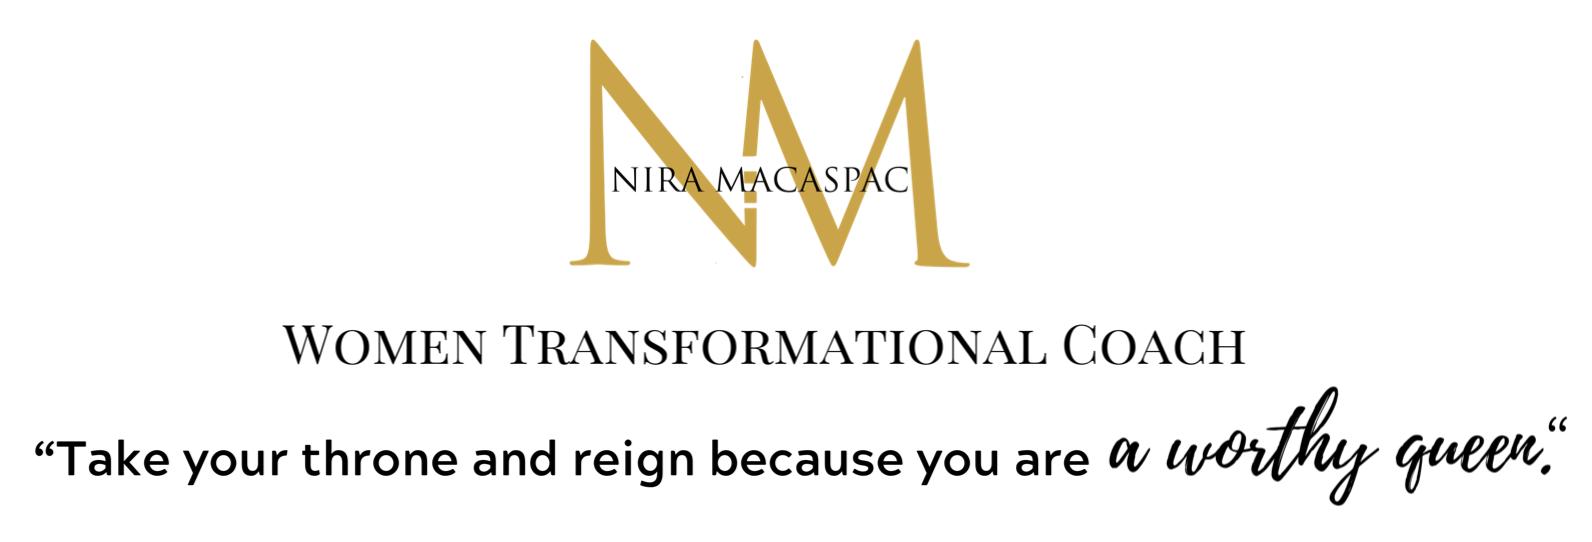 Nira Macaspac – Women Transformational Coach